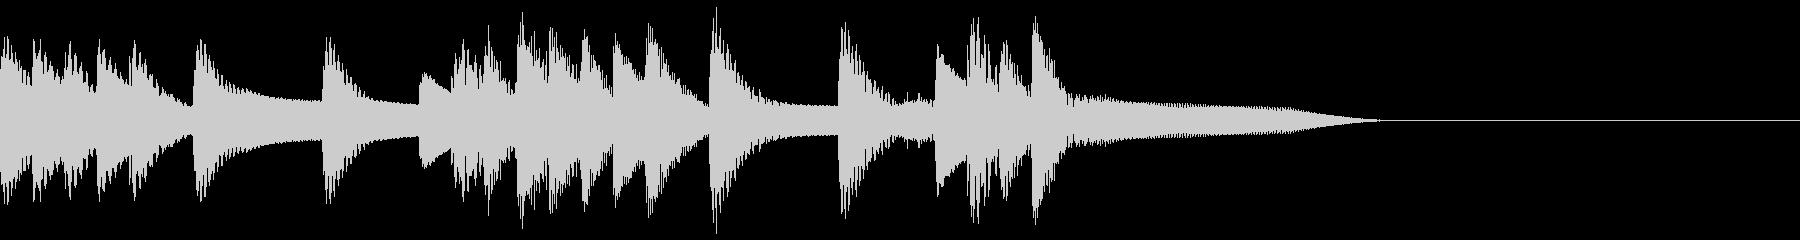 木琴のかわいいジングルの未再生の波形